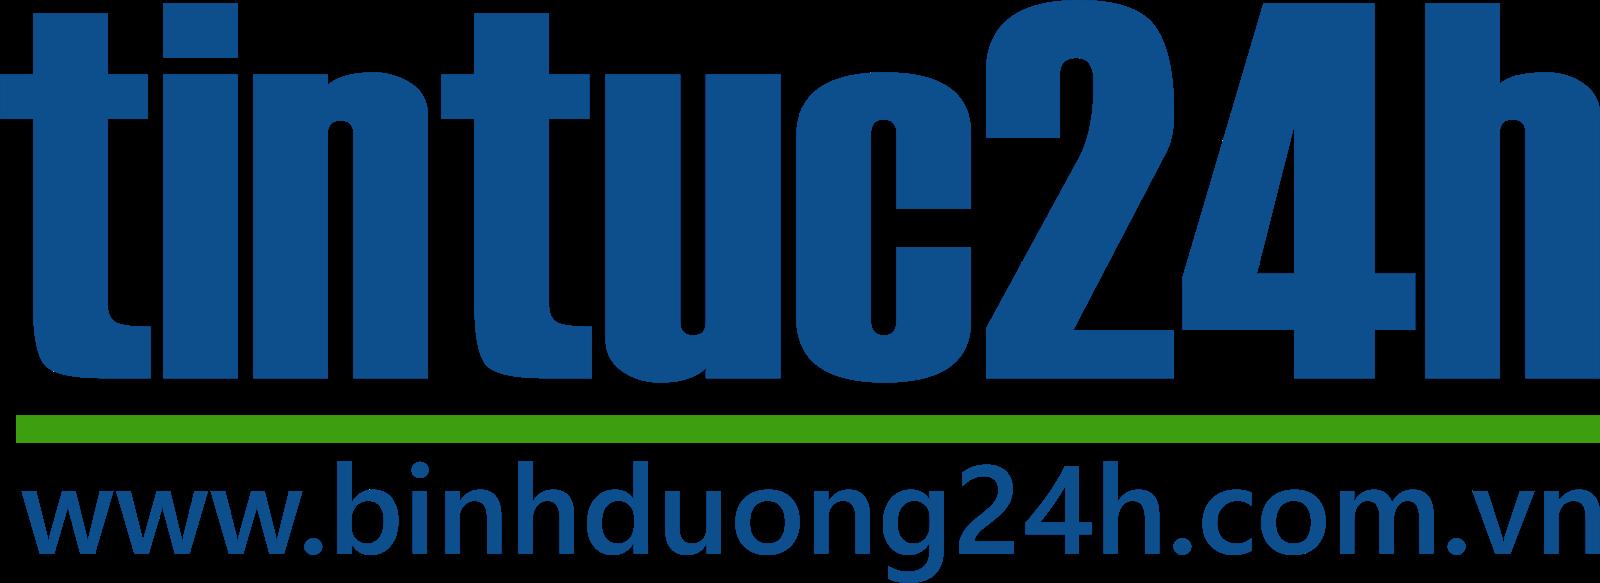 24hbinhduong.com ! Bình Dương 24h ! Thời Sự Tin Tức 24h ! Covid-19